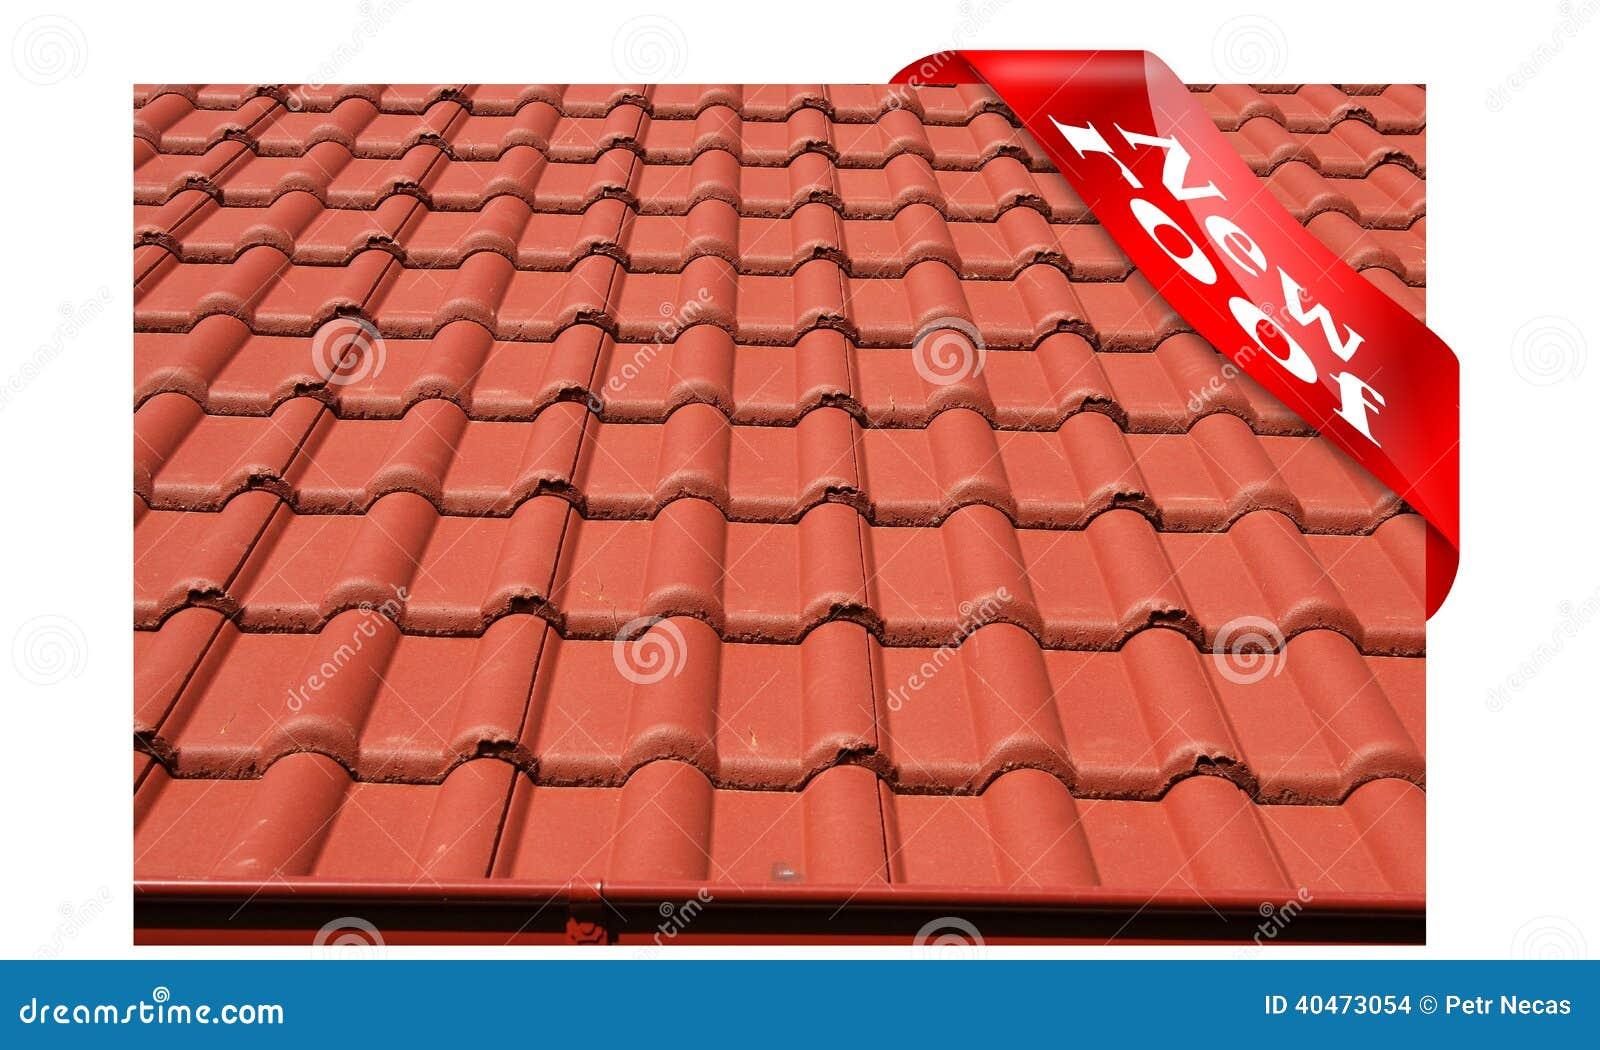 nouveau toit couvert de toiture en b ton rouge photo stock image 40473054. Black Bedroom Furniture Sets. Home Design Ideas